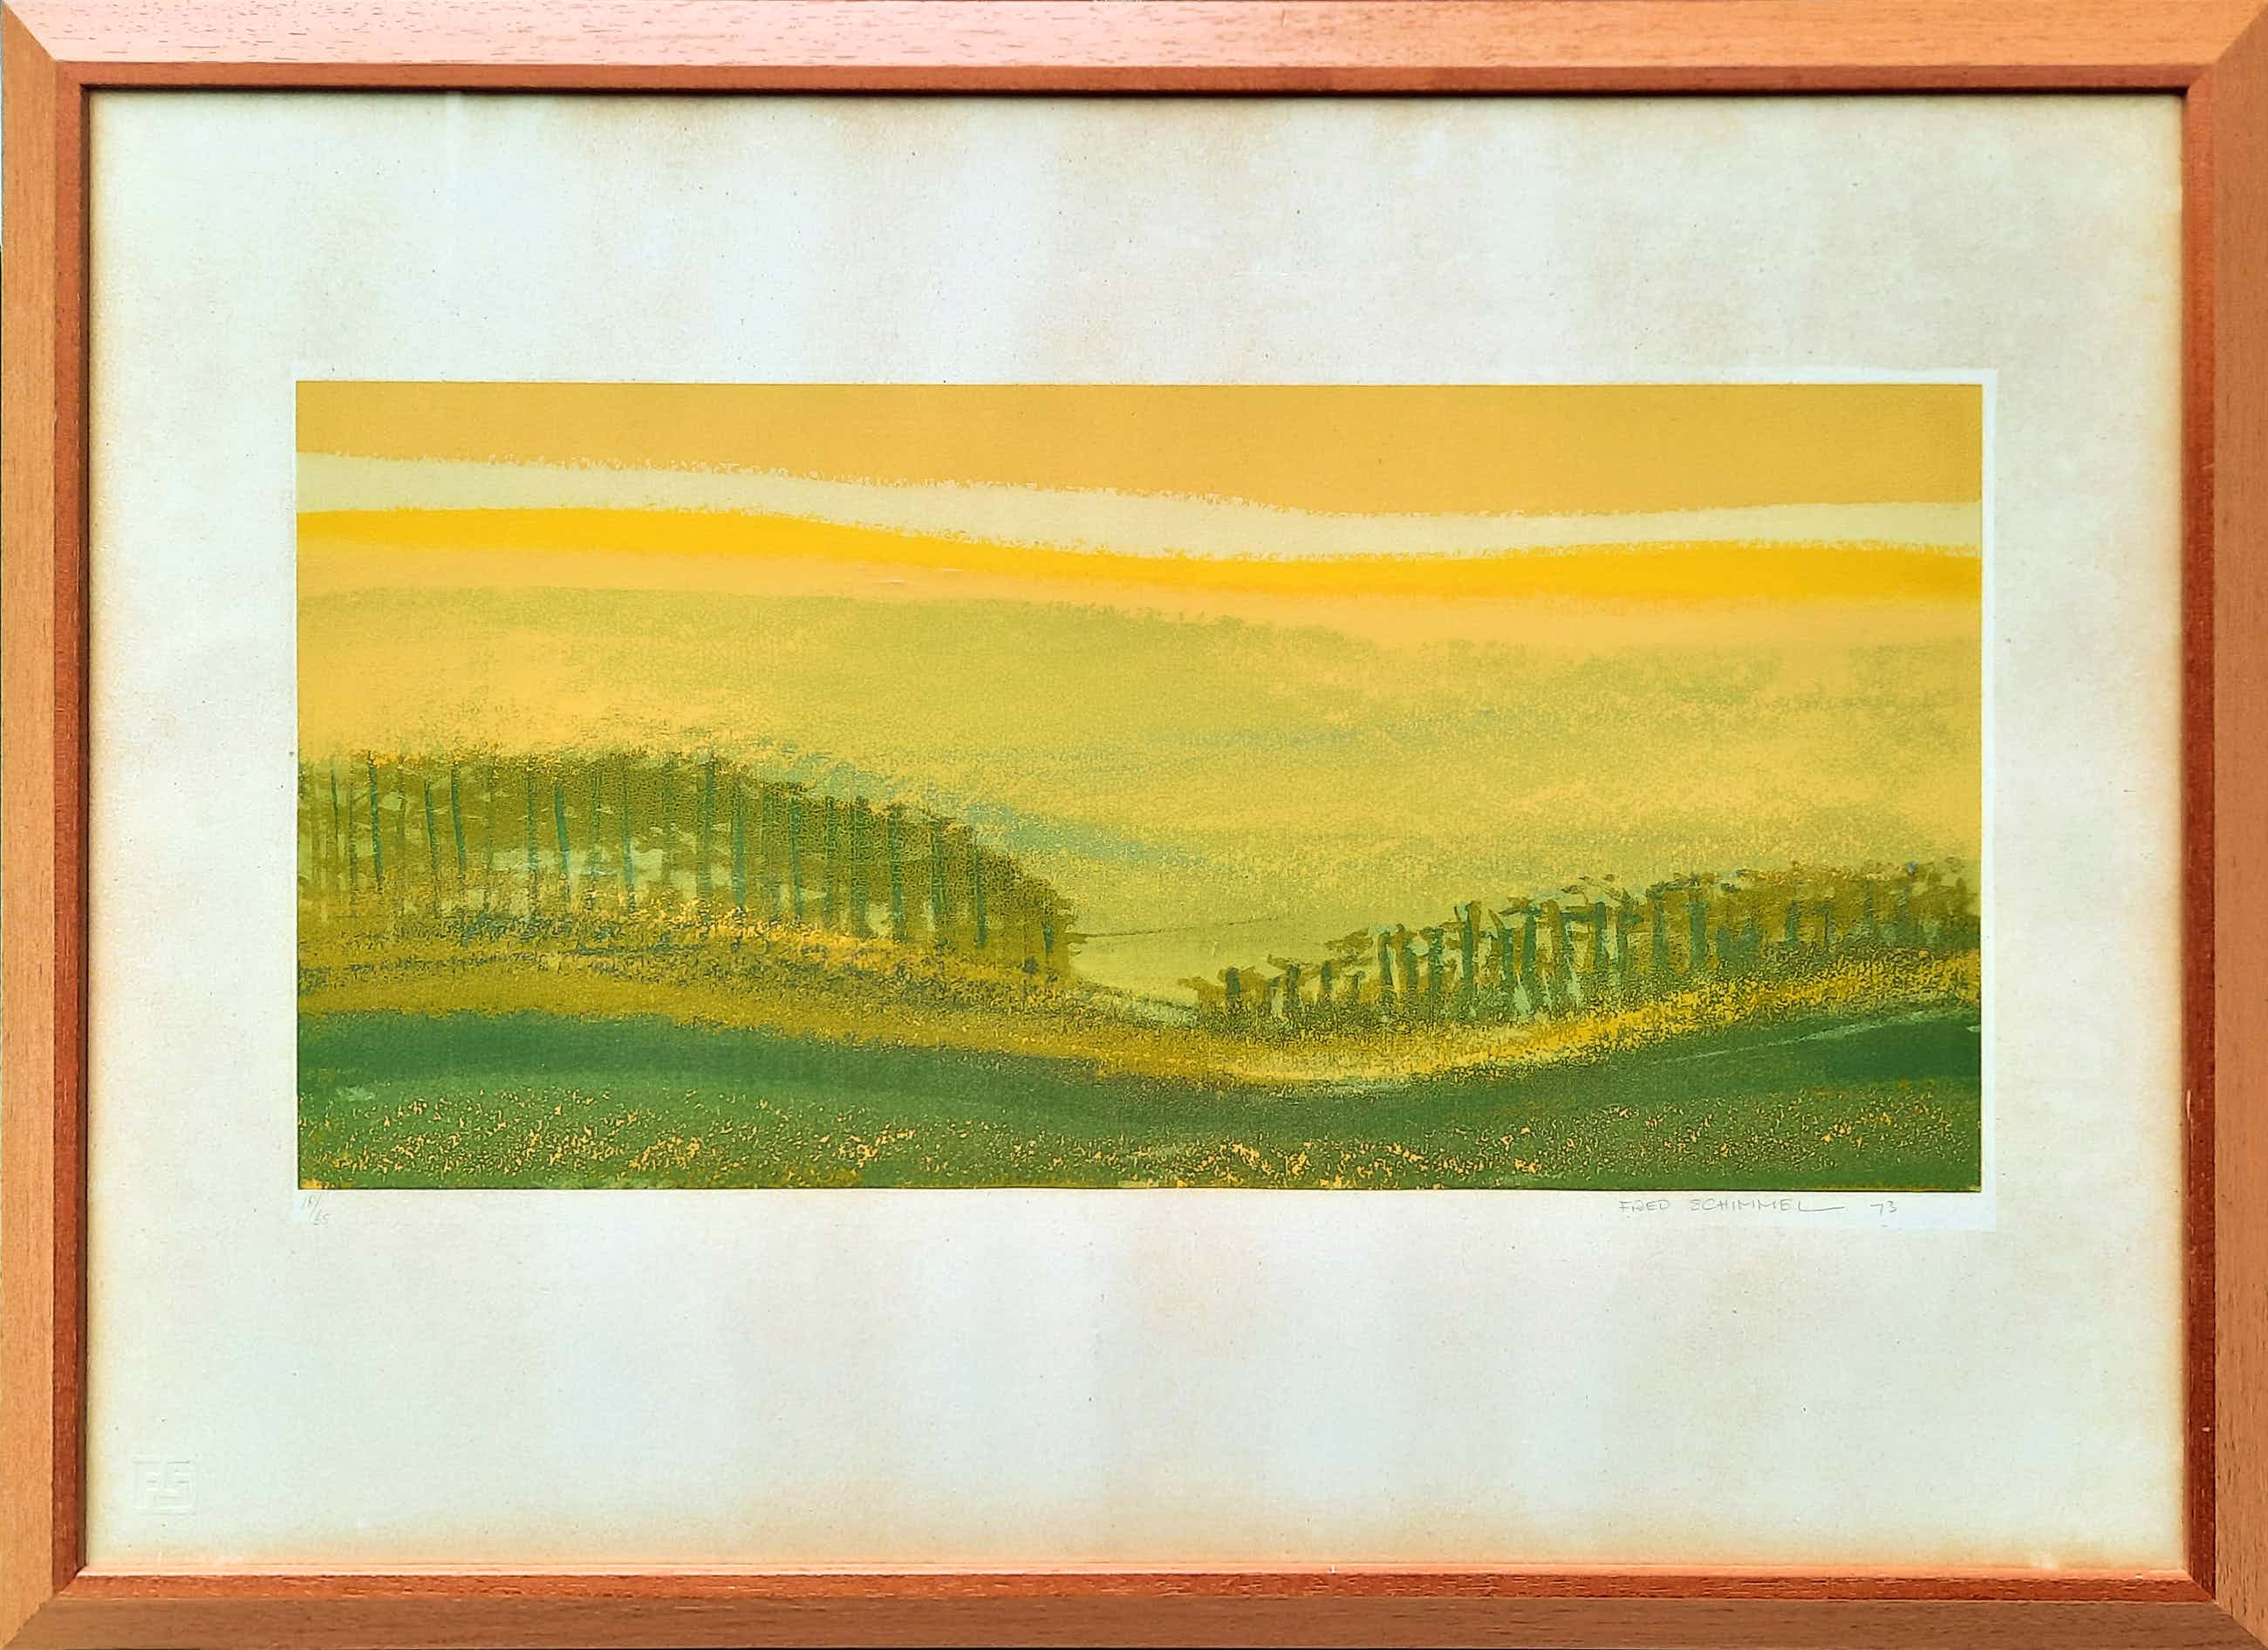 Fred Schimmel - steendruk - Landschap 18/65 - INGELIJST - 21889 kopen? Bied vanaf 50!